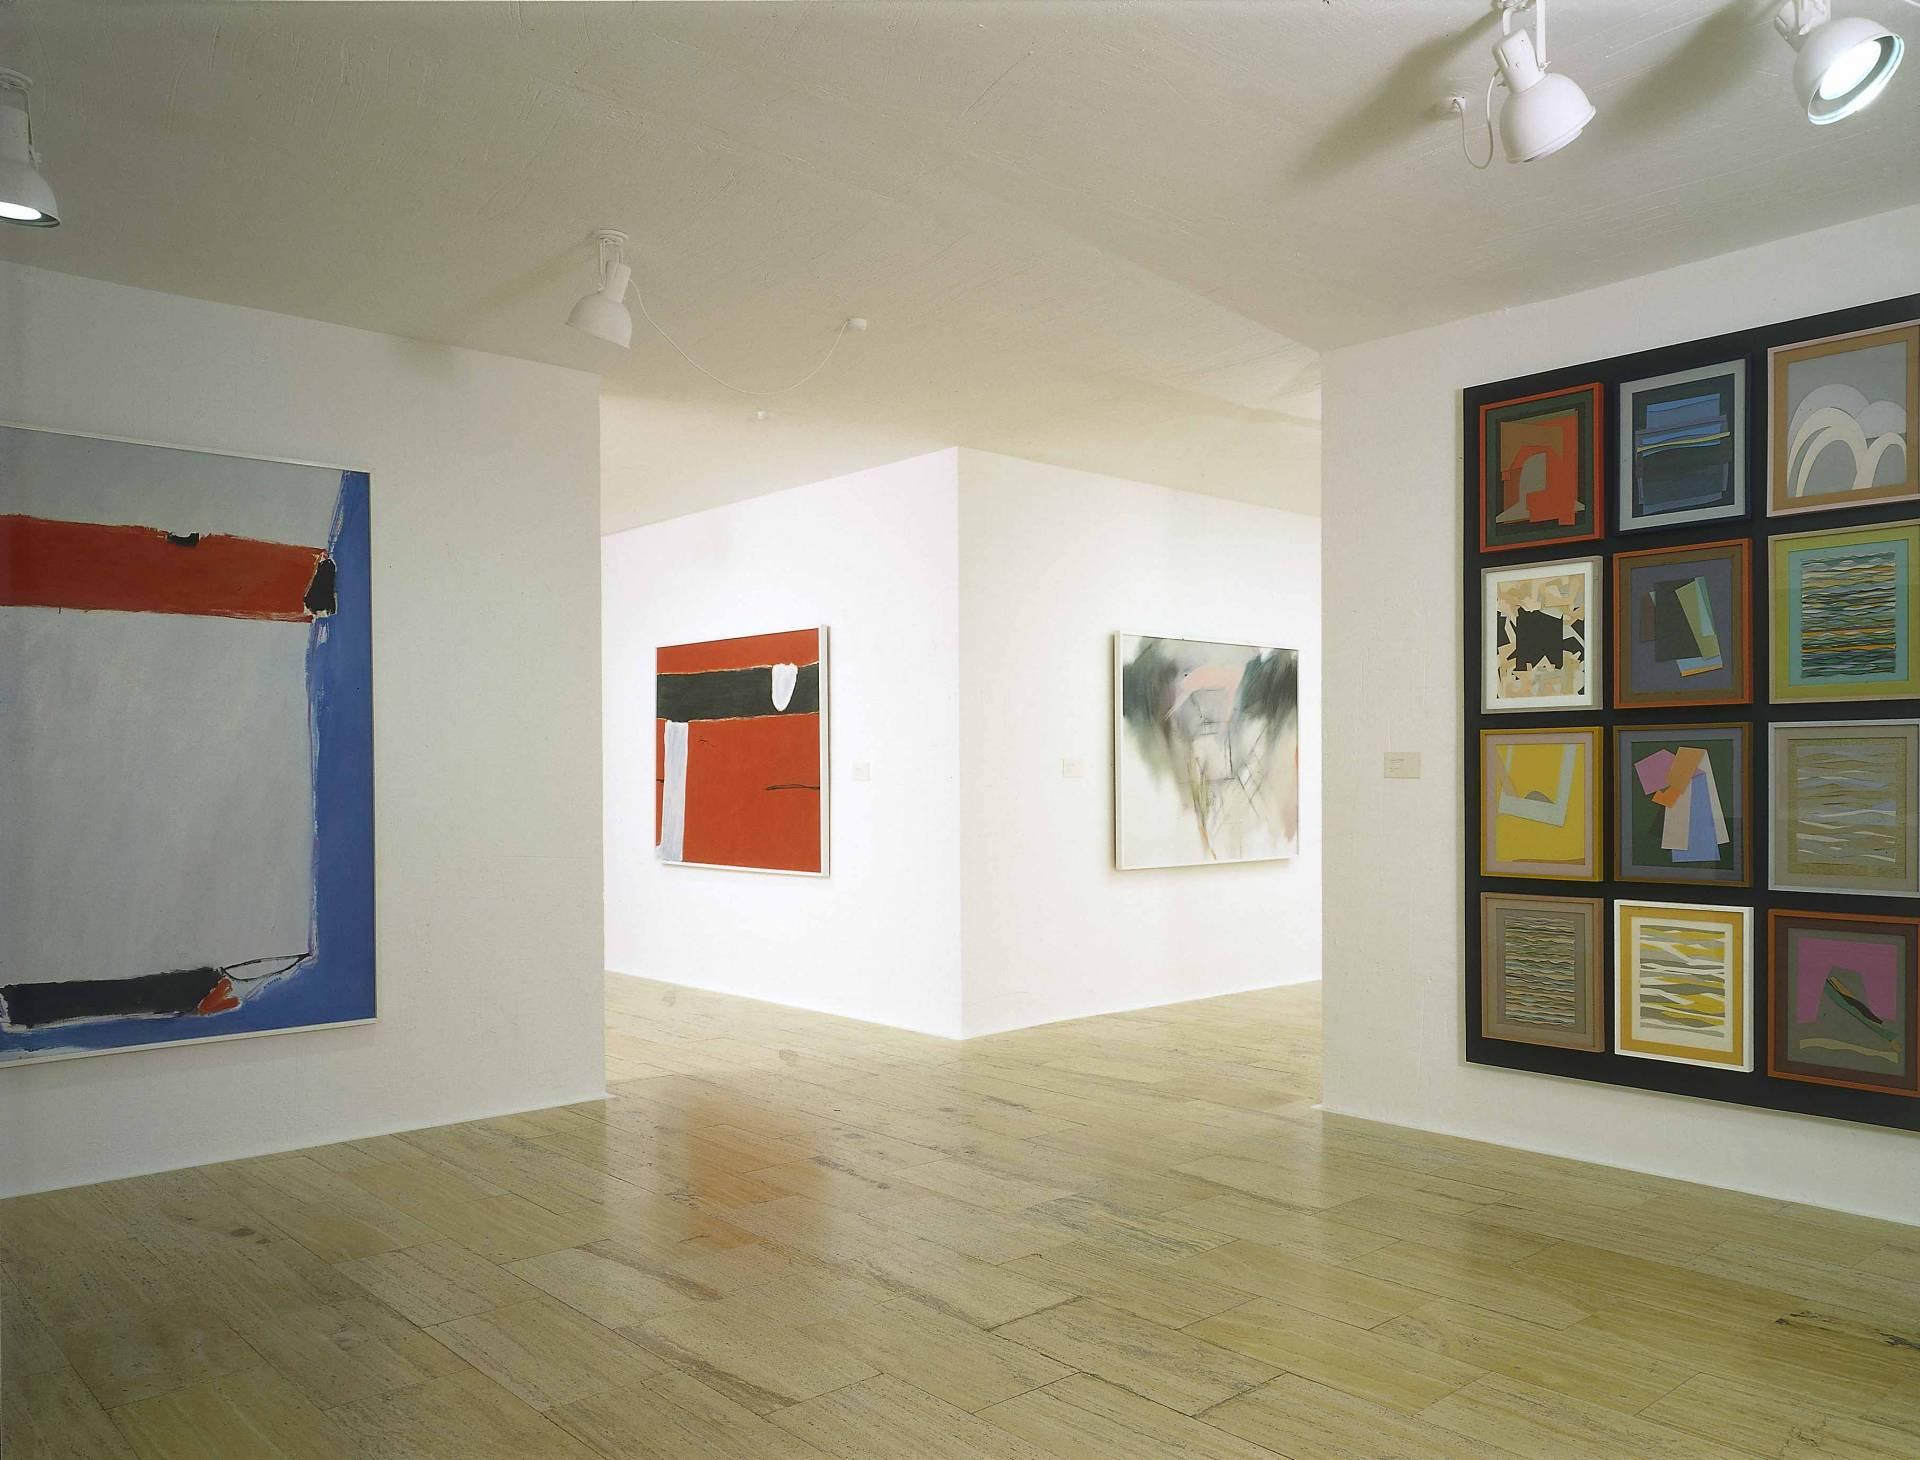 Obras de Guerrero, Torner y Zóbel en el museo